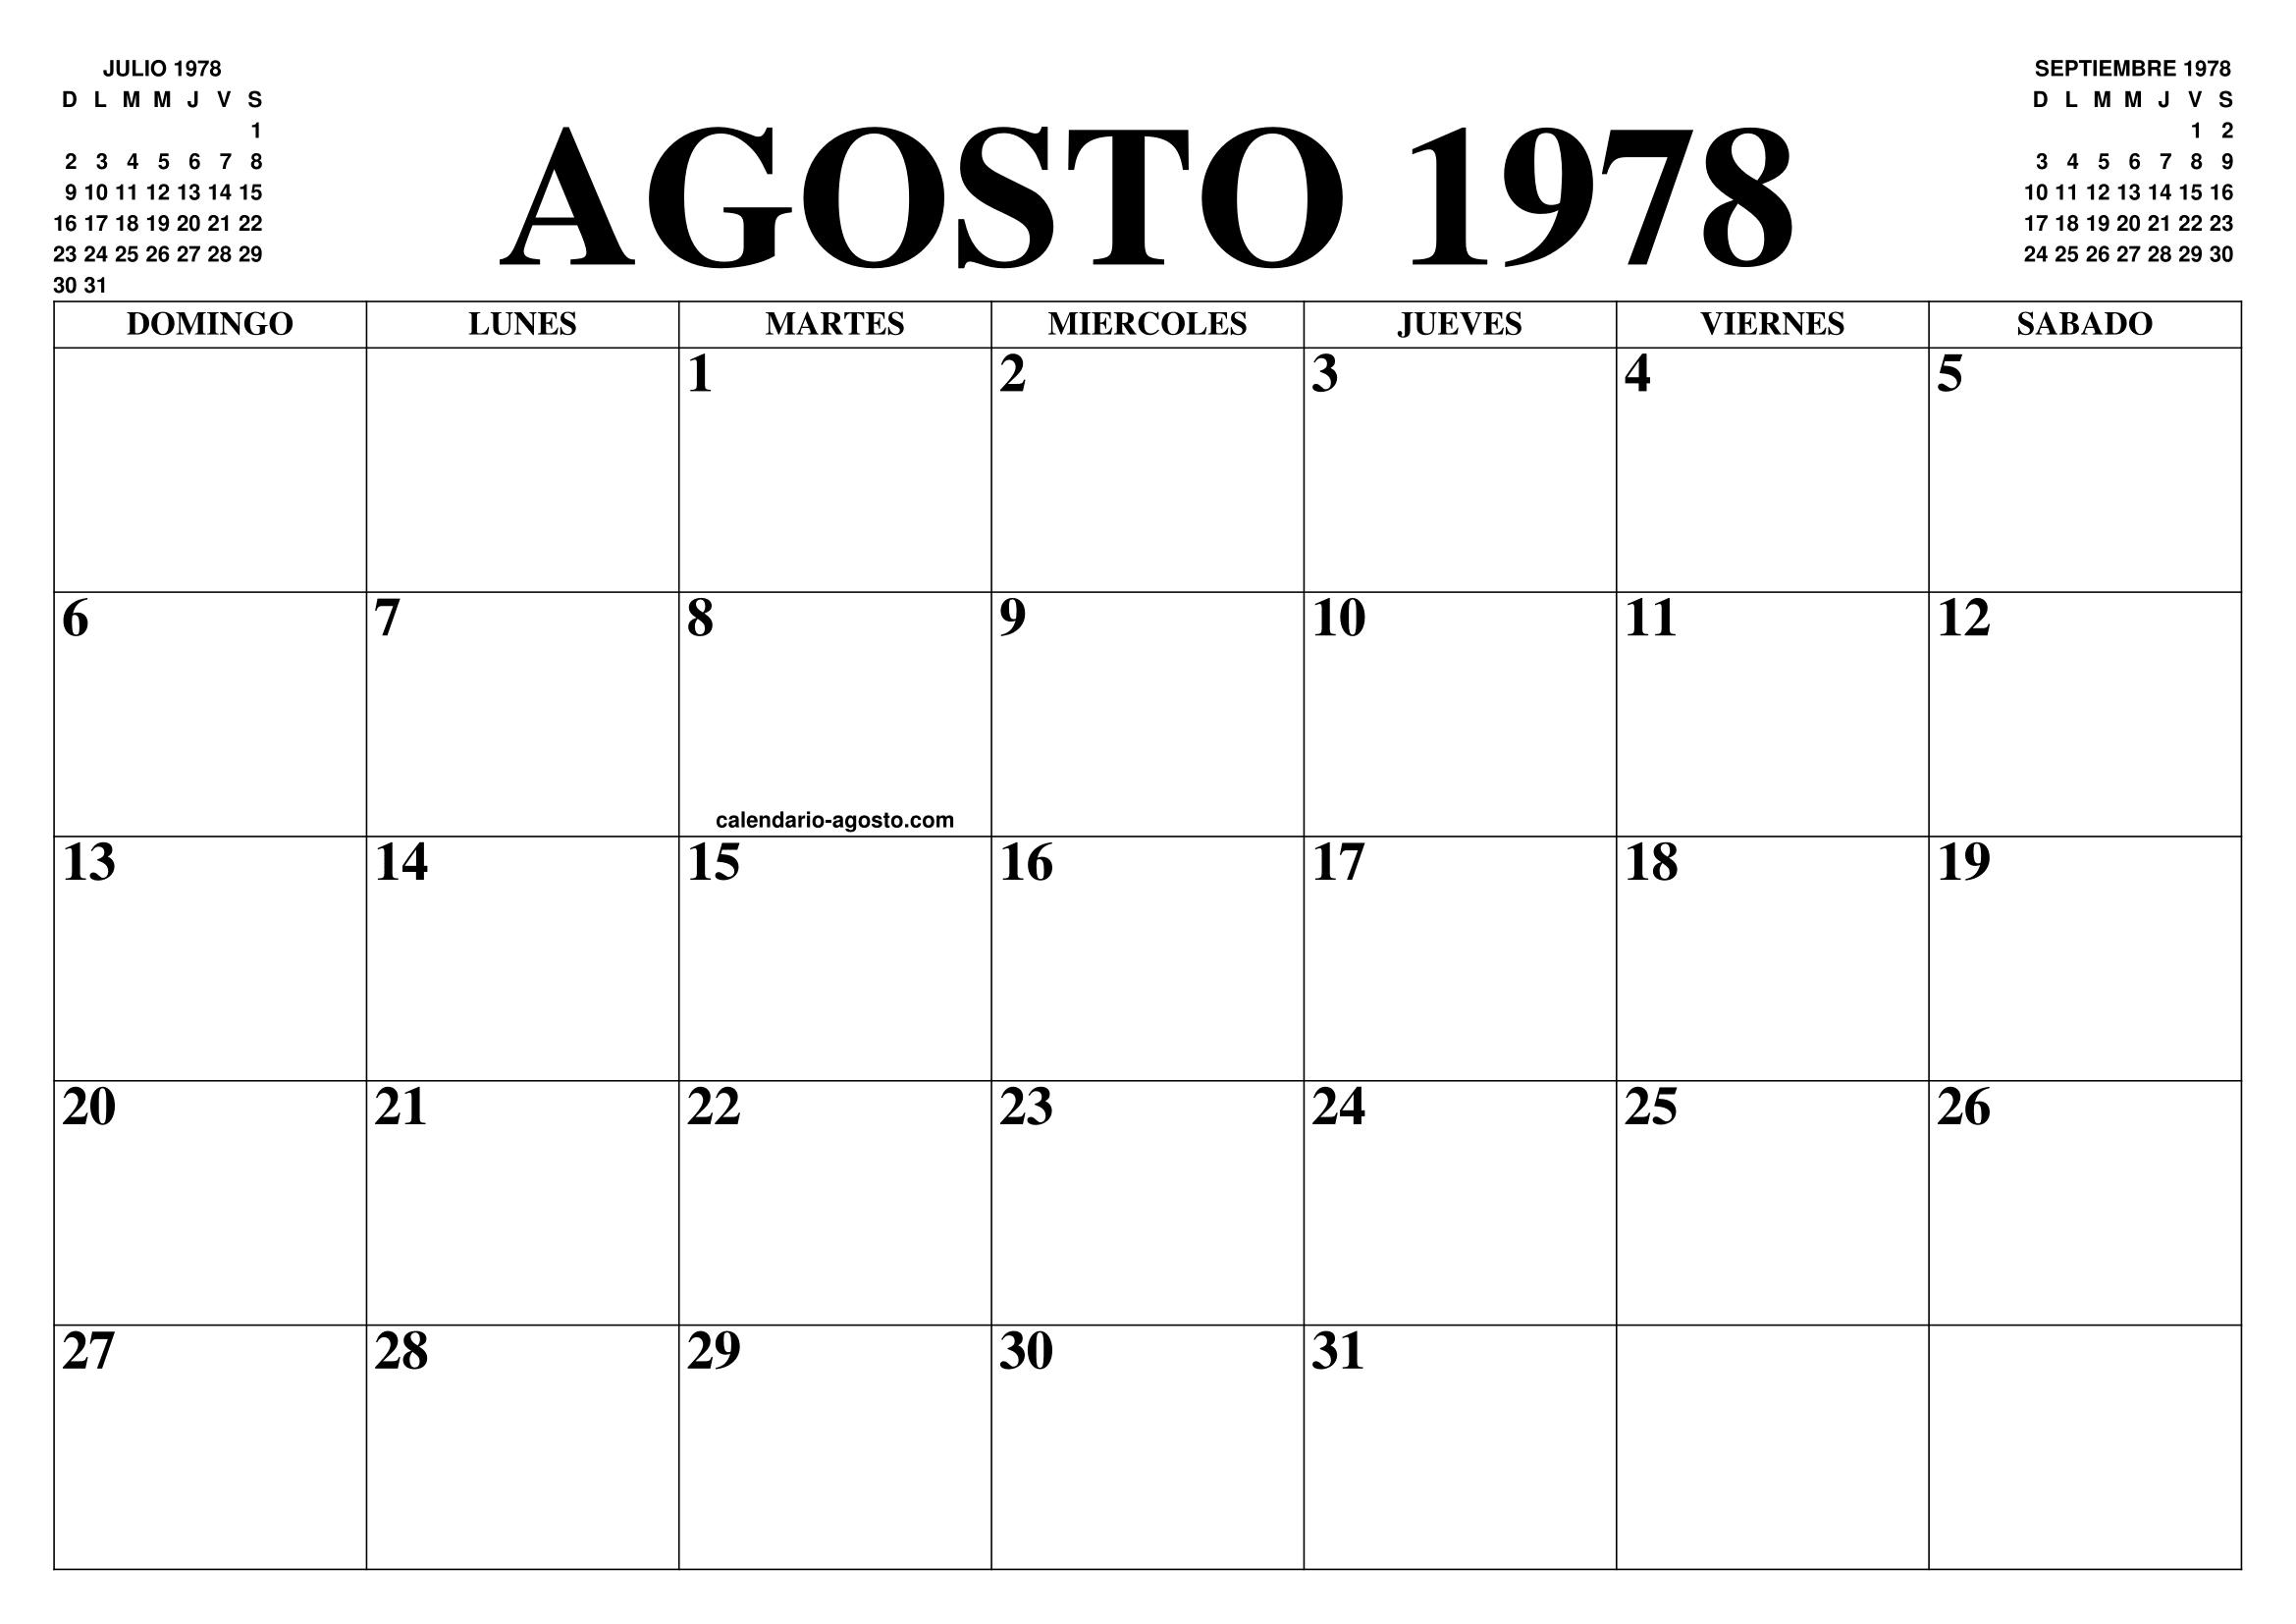 Calendario 1978.Calendario Agosto 1978 El Calendario Agosto Para Imprimir